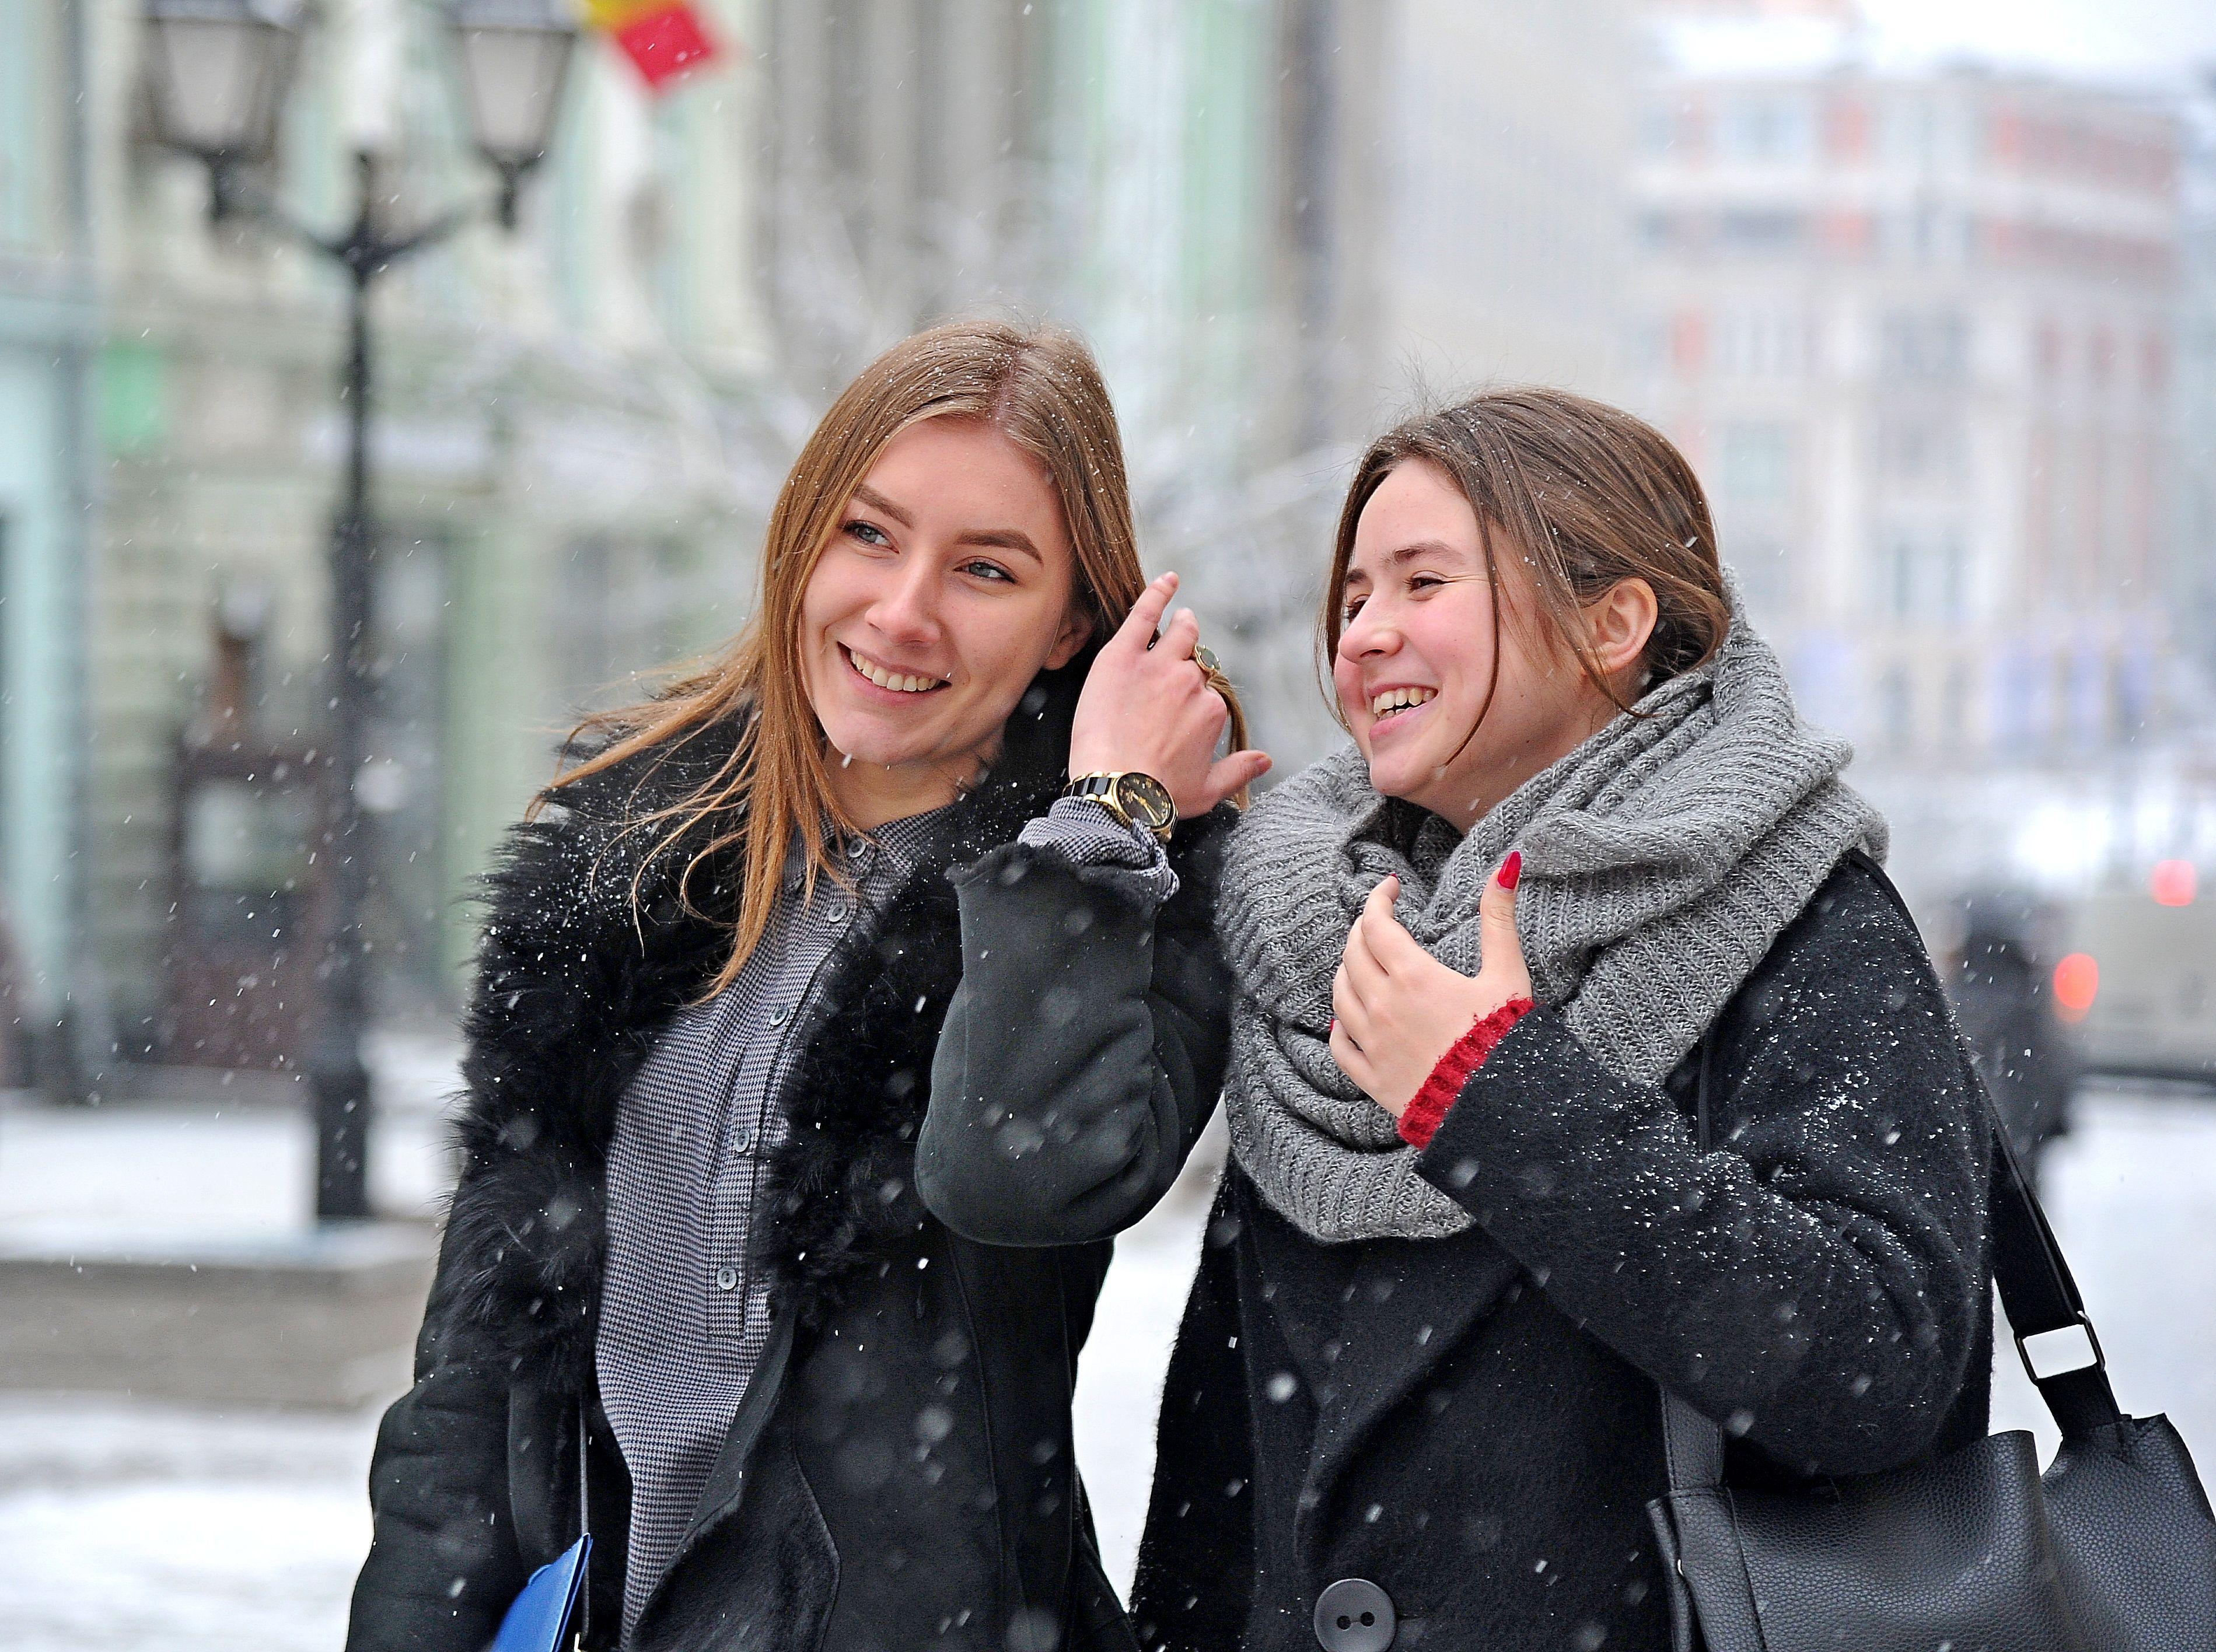 Мокрый снег и ветер ожидаются в Москве на выходных